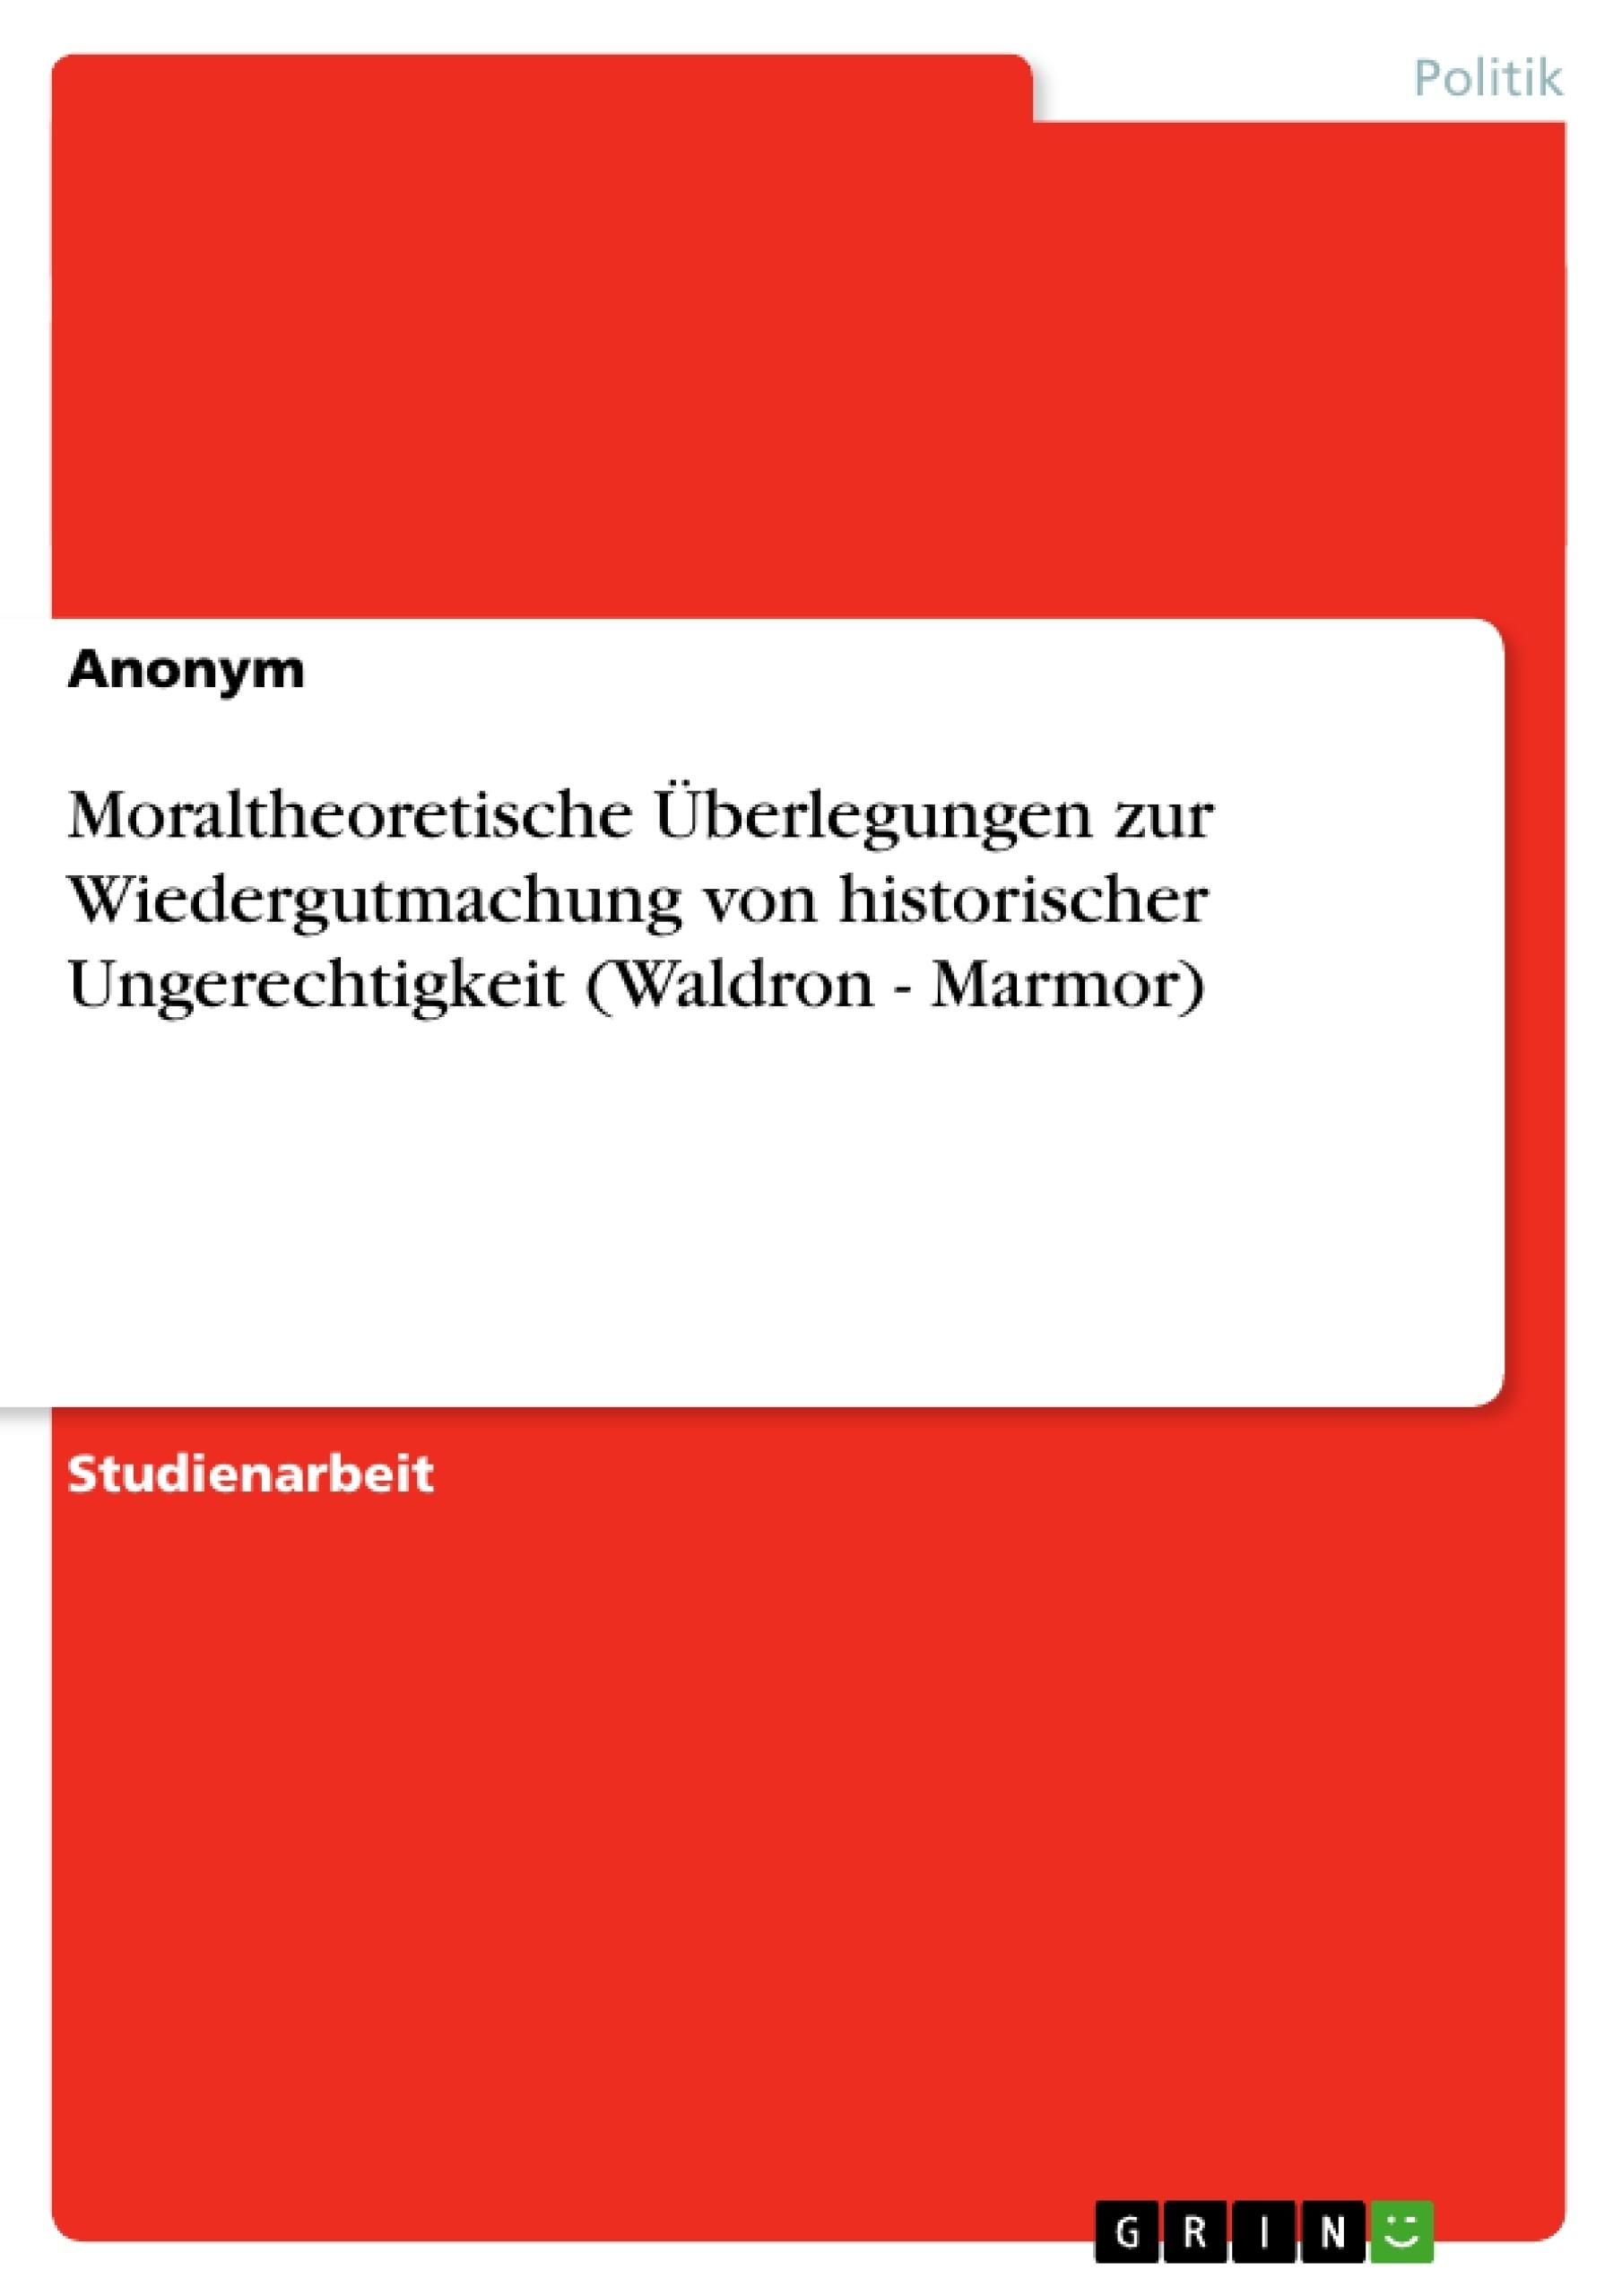 Titel: Moraltheoretische Überlegungen zur Wiedergutmachung von historischer Ungerechtigkeit (Waldron - Marmor)